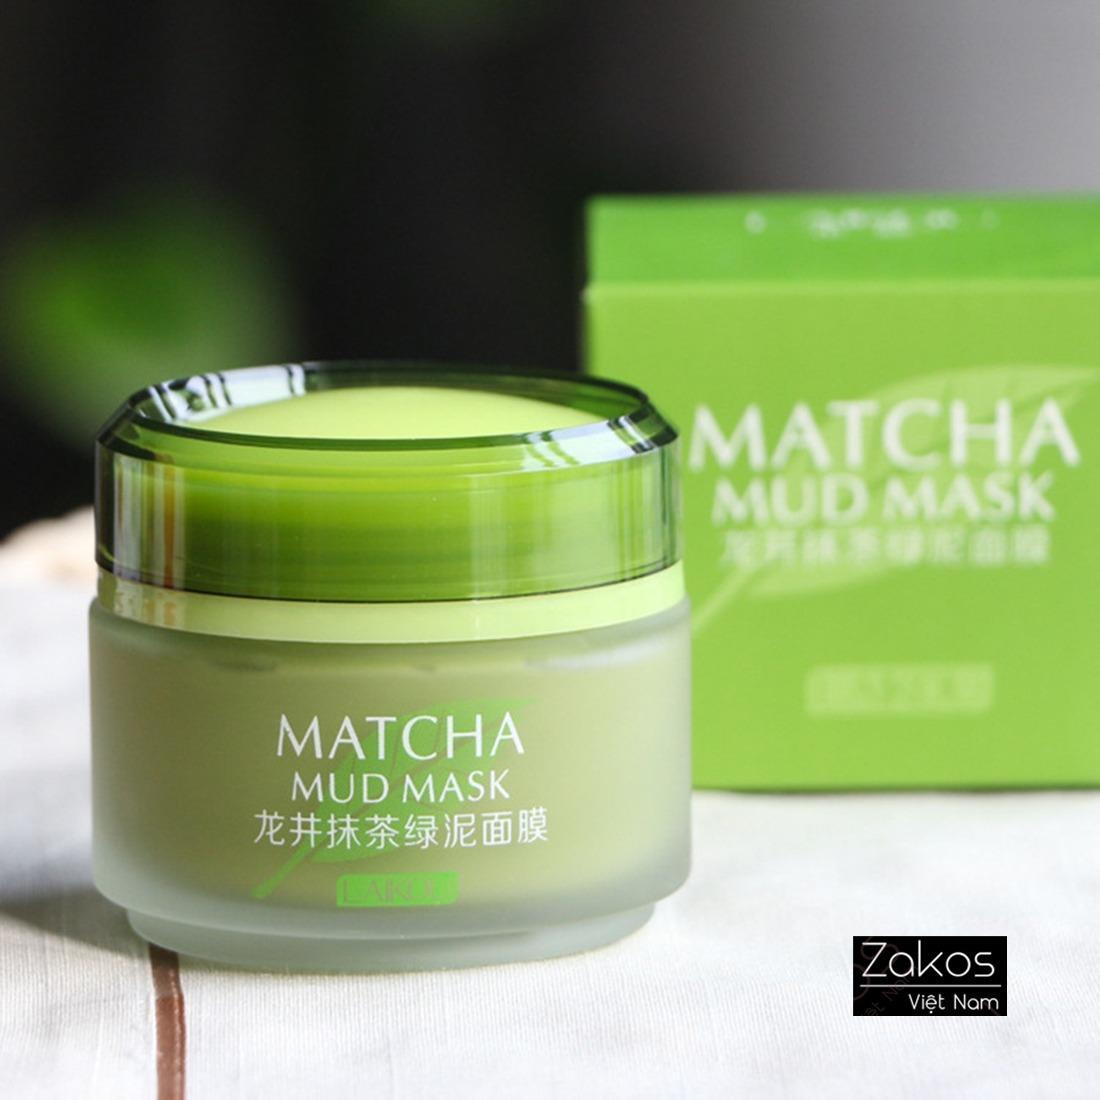 Mặt nạ bùn Laikou matcha mud mask 5 tác dụng 85g